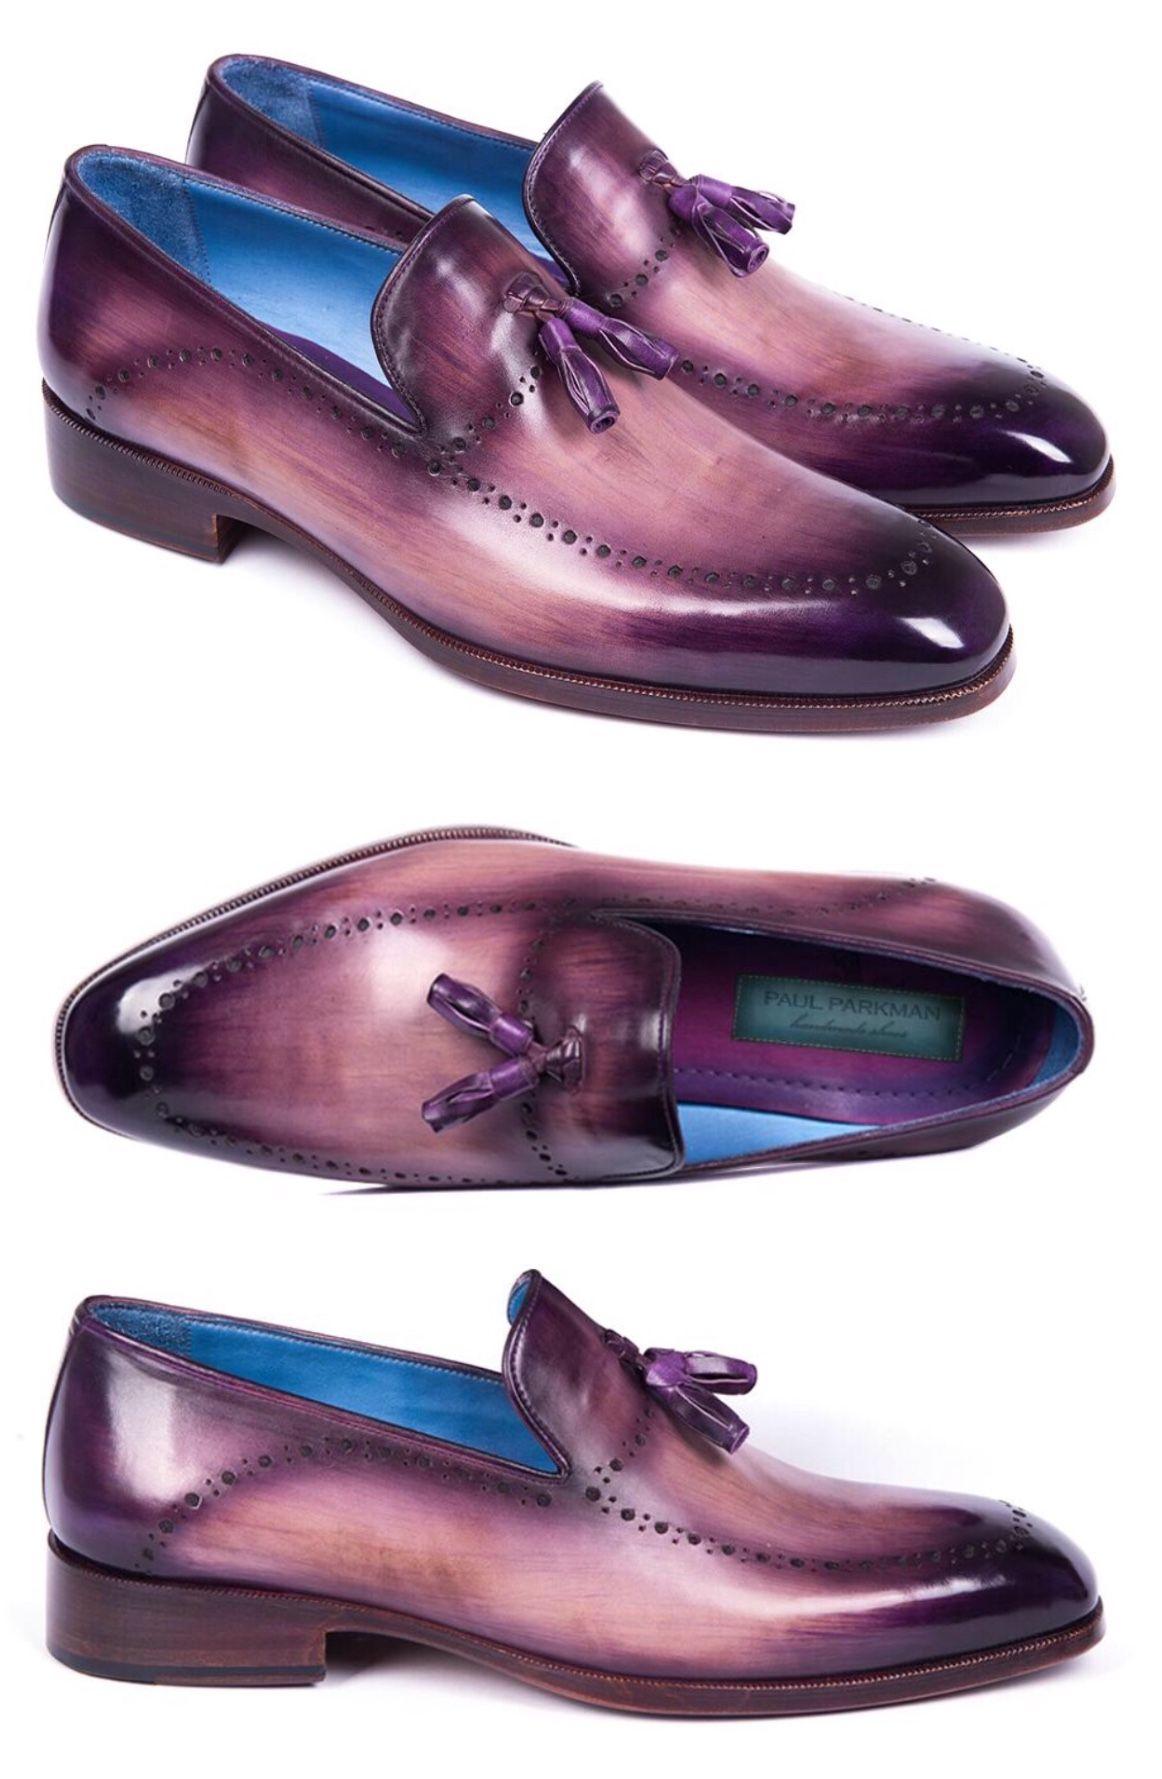 d69400b2f85 Paul Parkman Men s Tassel Loafer Purple (ID 66T80-PRP) in 2019 ...